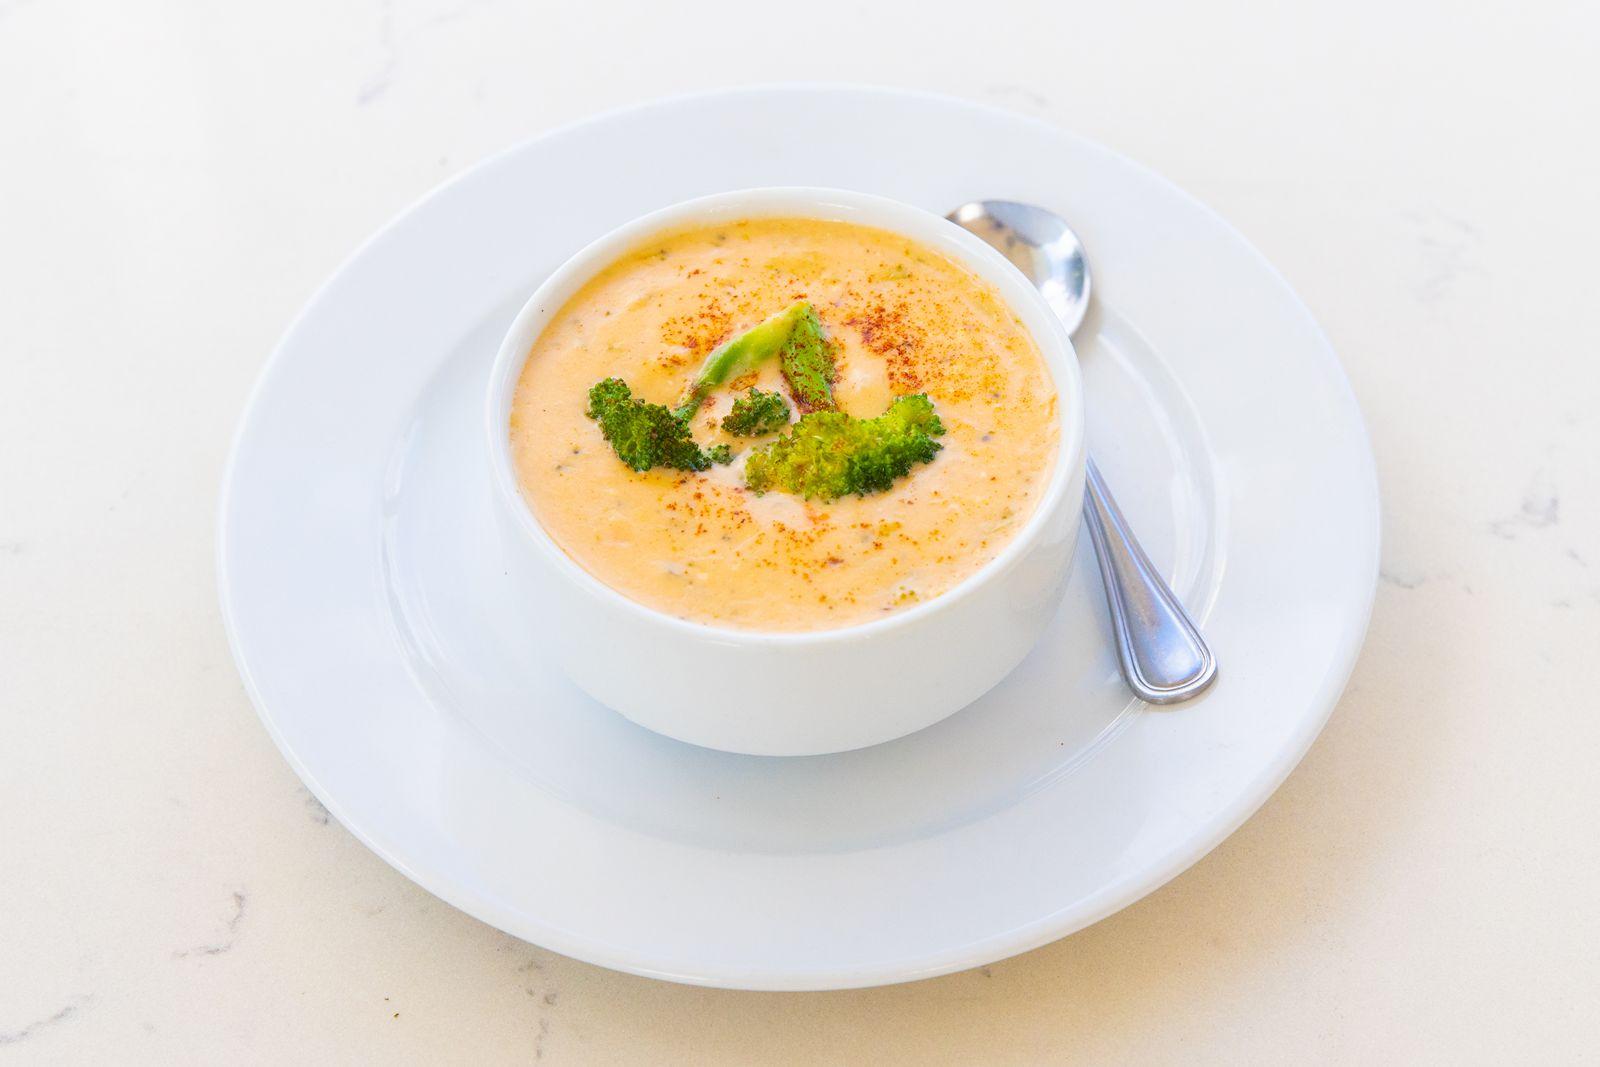 bellagreen rend le dîner plus beau cet hiver avec un nouveau menu saisonnier